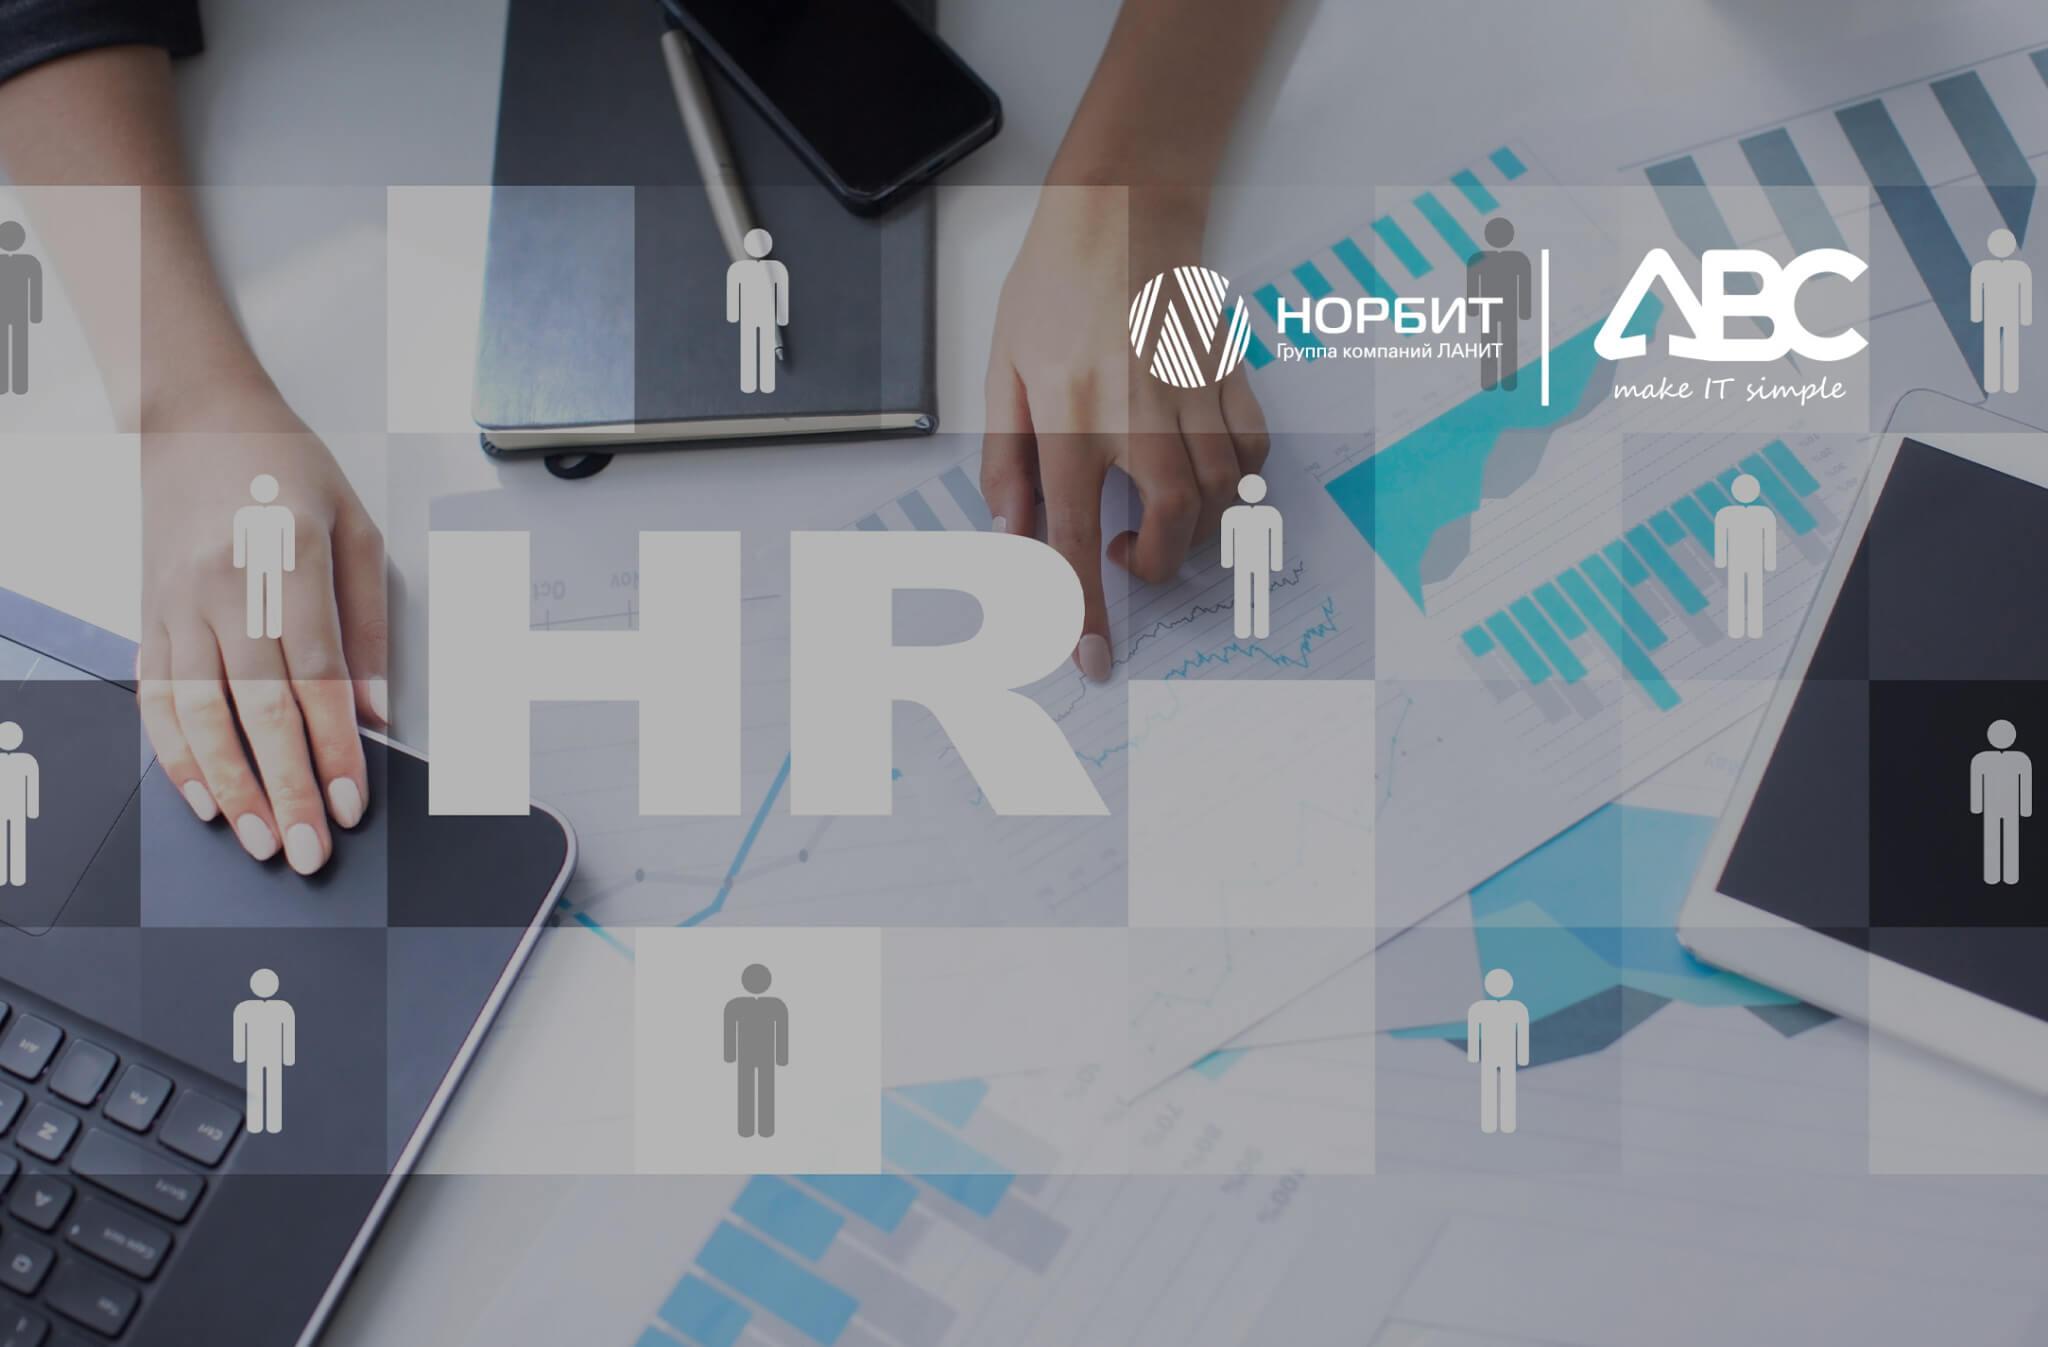 Как повысить эффективность HR-служб с помощью ИТ-систем?